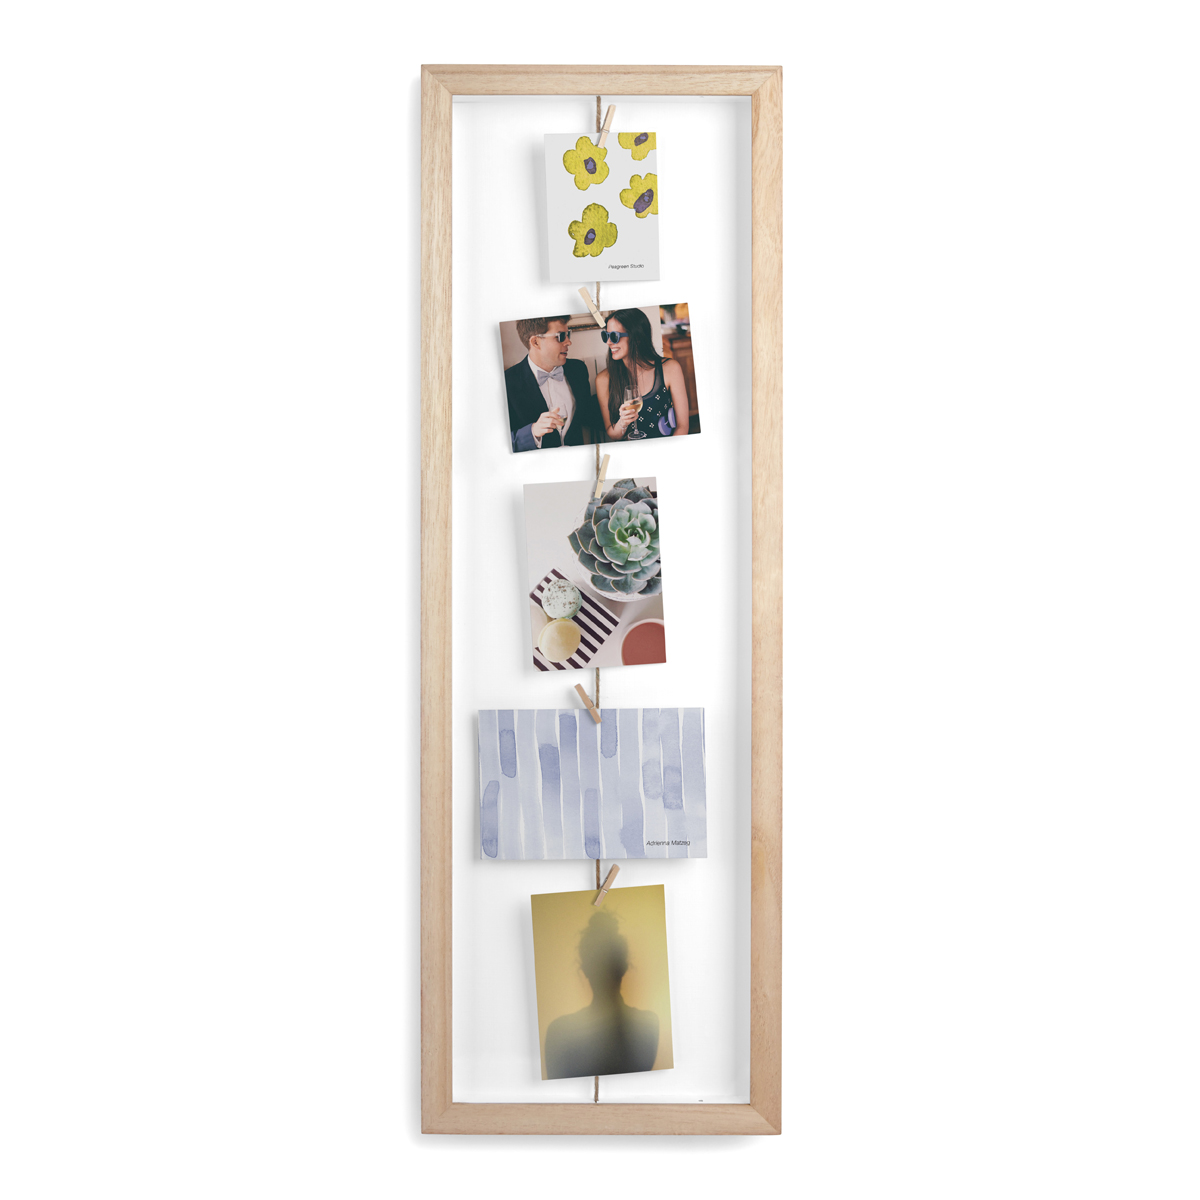 Панно с зажимами Umbra Clothesline, для 7 фотографий311020-390Фоторамка, фотографии в которую не вставляются, а прикрепляются к специальным нитям при помощи зажимов (входят в комплект). Позволяет создавать композиции из 7 фотографий, открыток или рисунков. Обрамление выполнено из натурального дерева. Дизайн: Sung wook Park